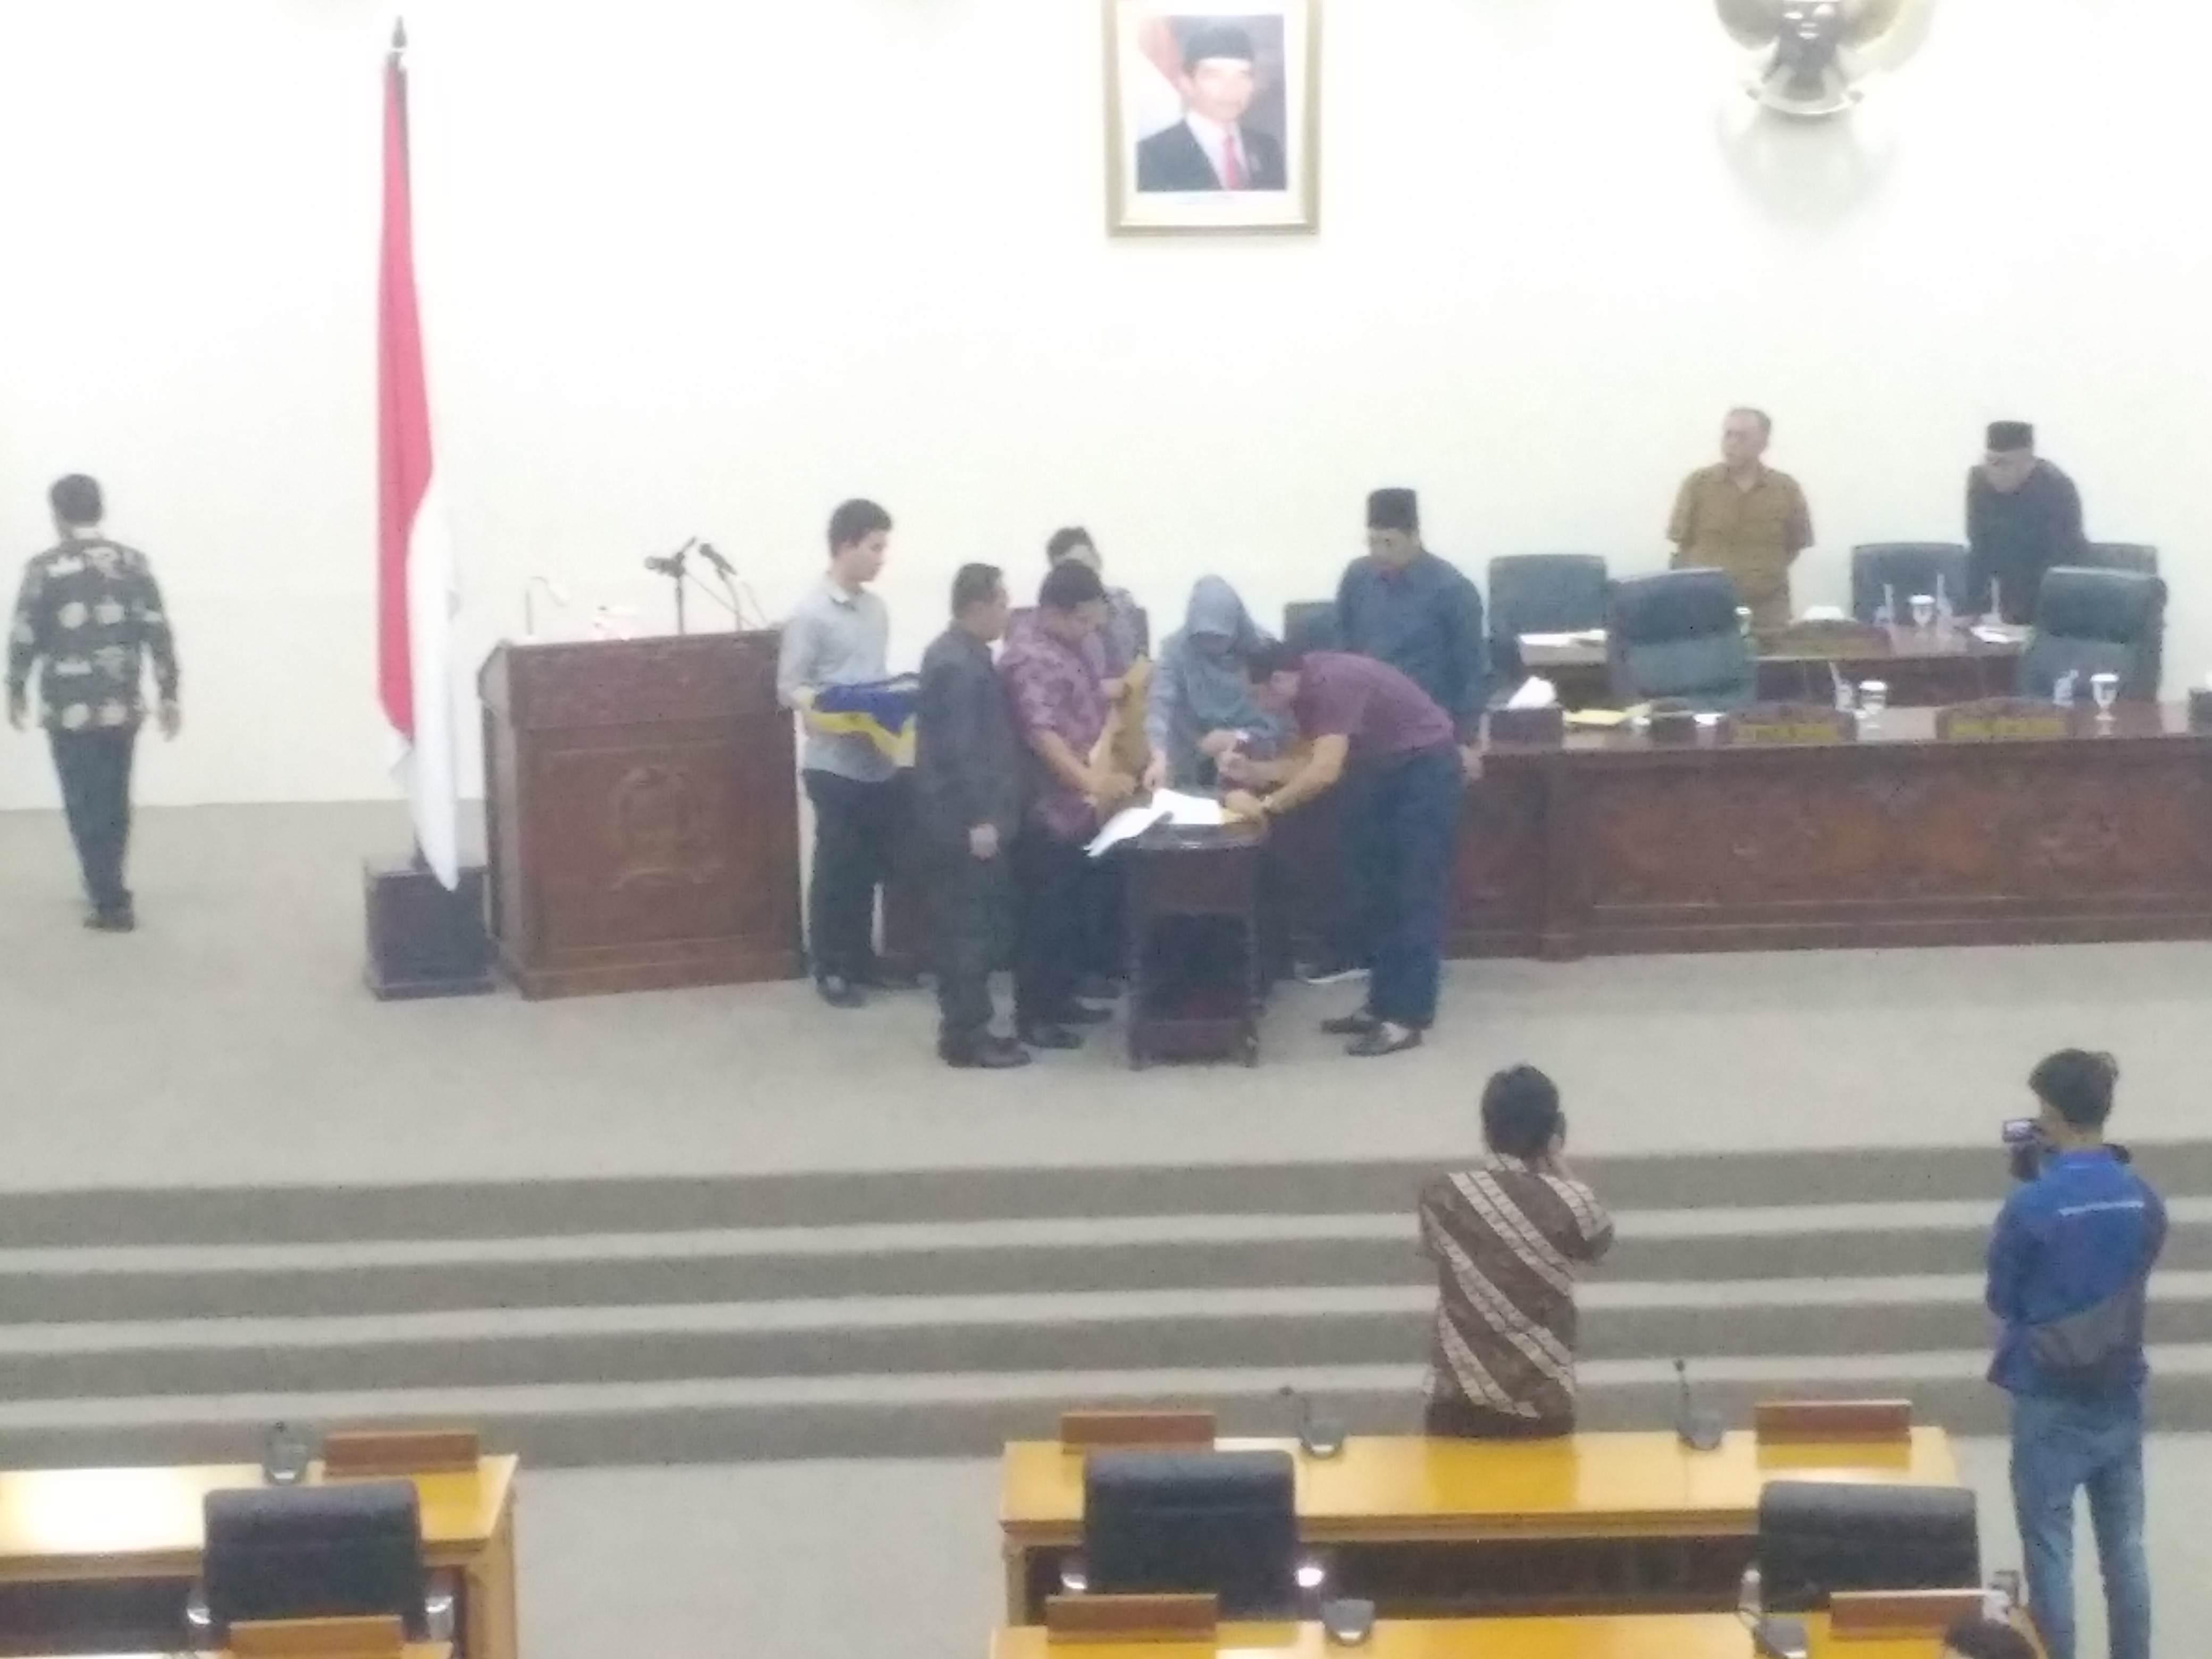 Penandatanganan berita acara antara Plt Bupati Bekasi dengan Pimpinan DPRD Kabupaten Bekasi terkait Paripurna APBD 2019. Foto: Sepri Parulian/Suara Bekasi Online